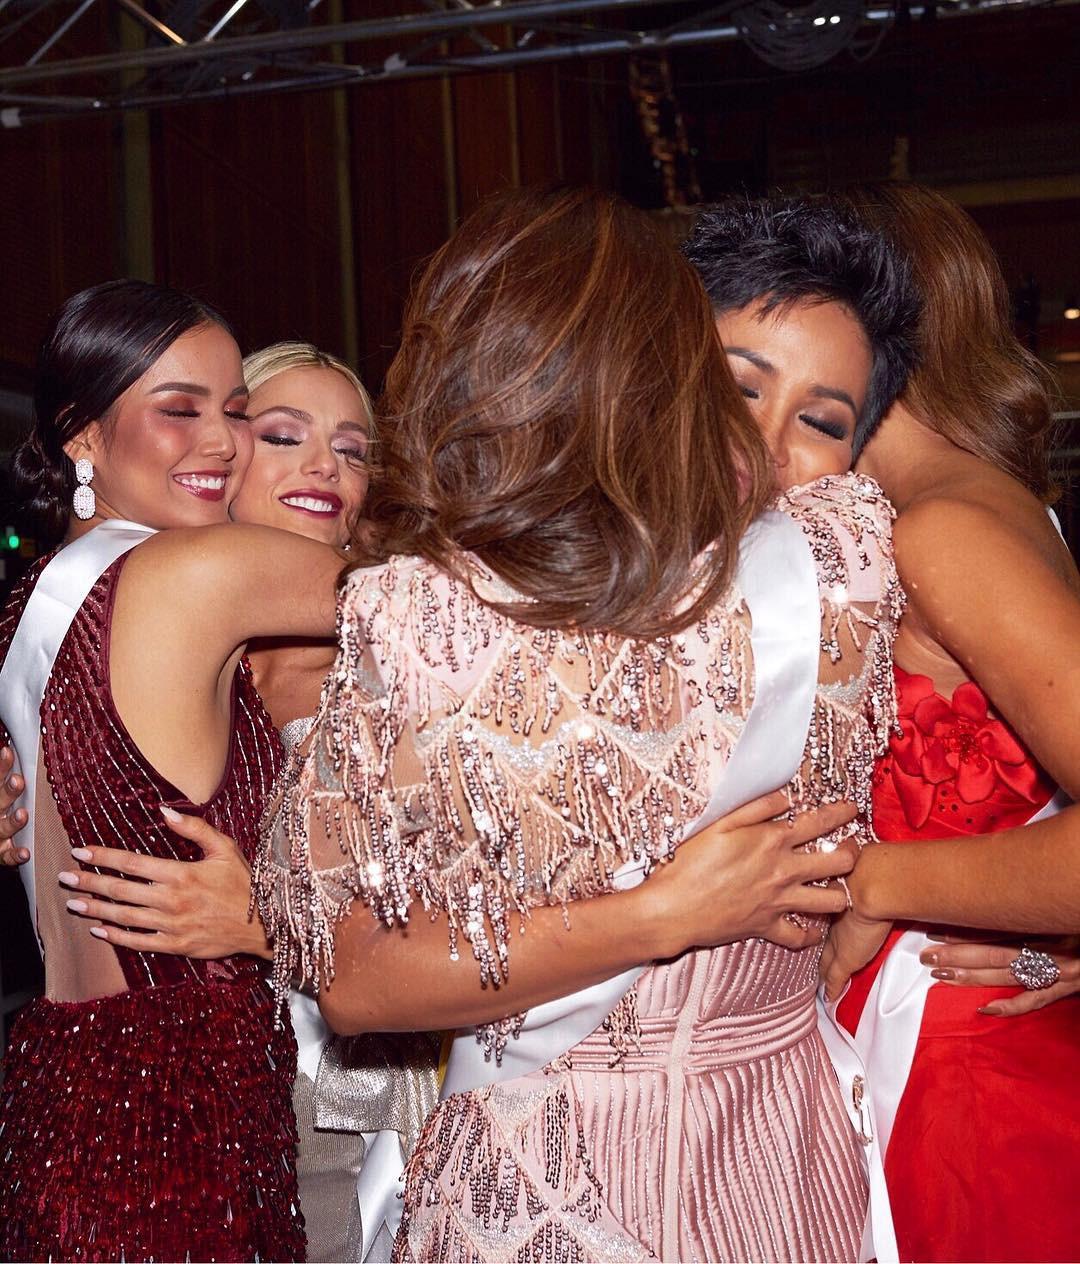 Hoa hậu Mỹ lên tiếng xin lỗi sau ồn ào chê trình độ tiếng Anh của H'Hen Niê - Ảnh 1.